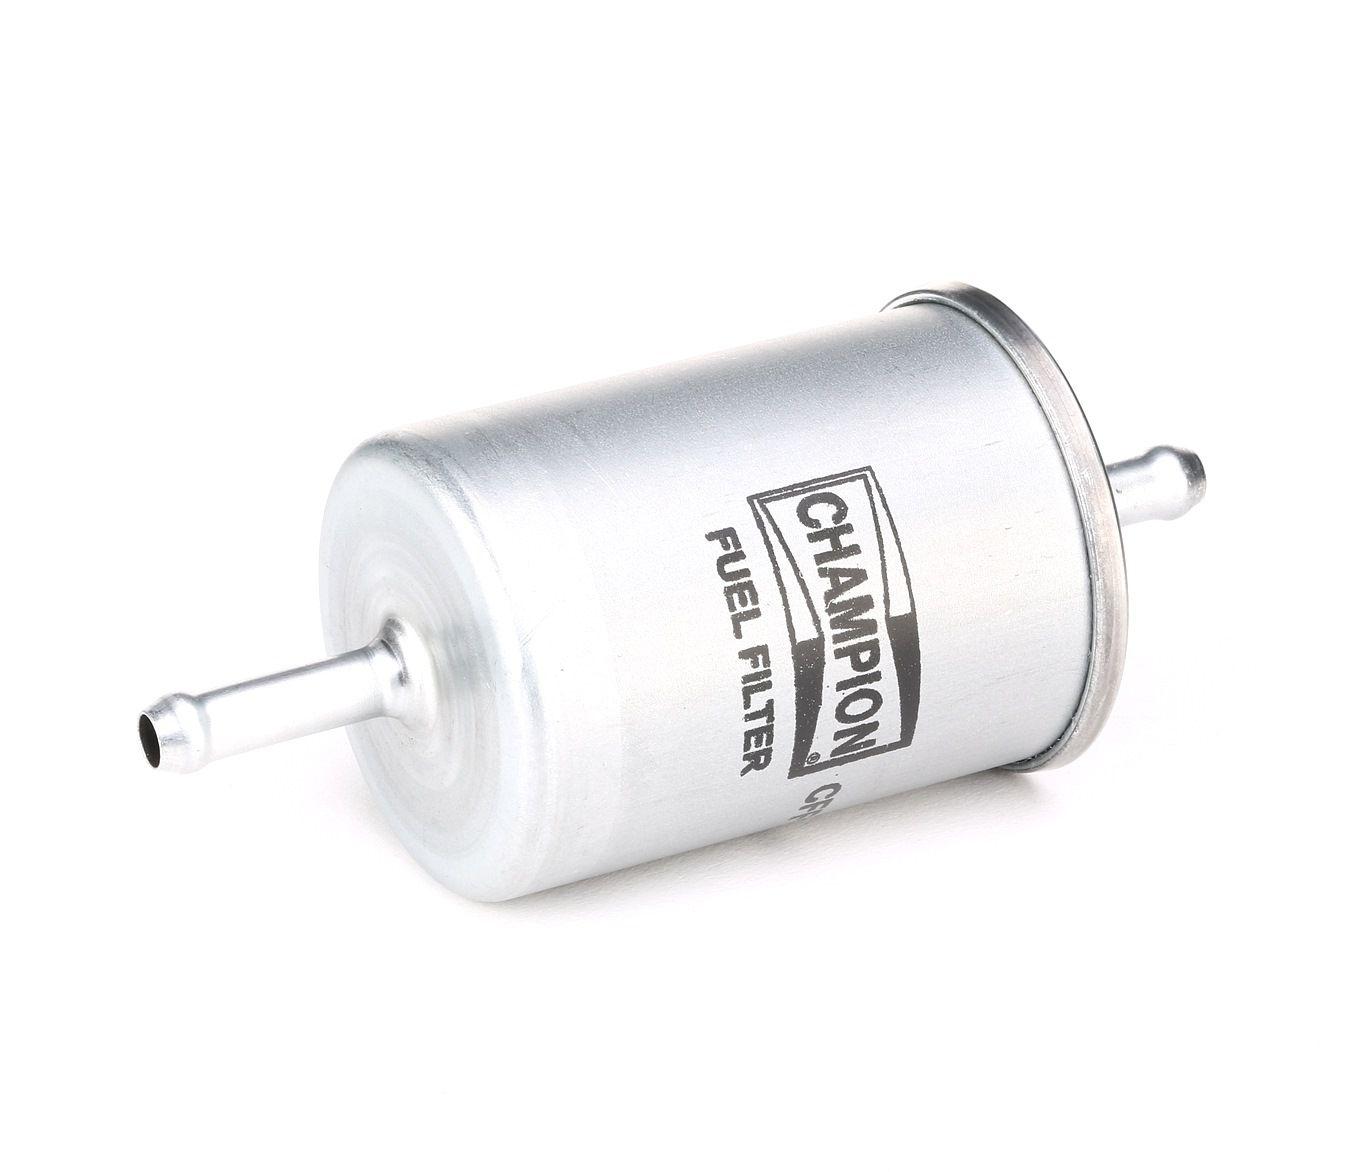 Achetez Filtre à carburant CHAMPION CFF100201 (Hauteur: 140mm) à un rapport qualité-prix exceptionnel